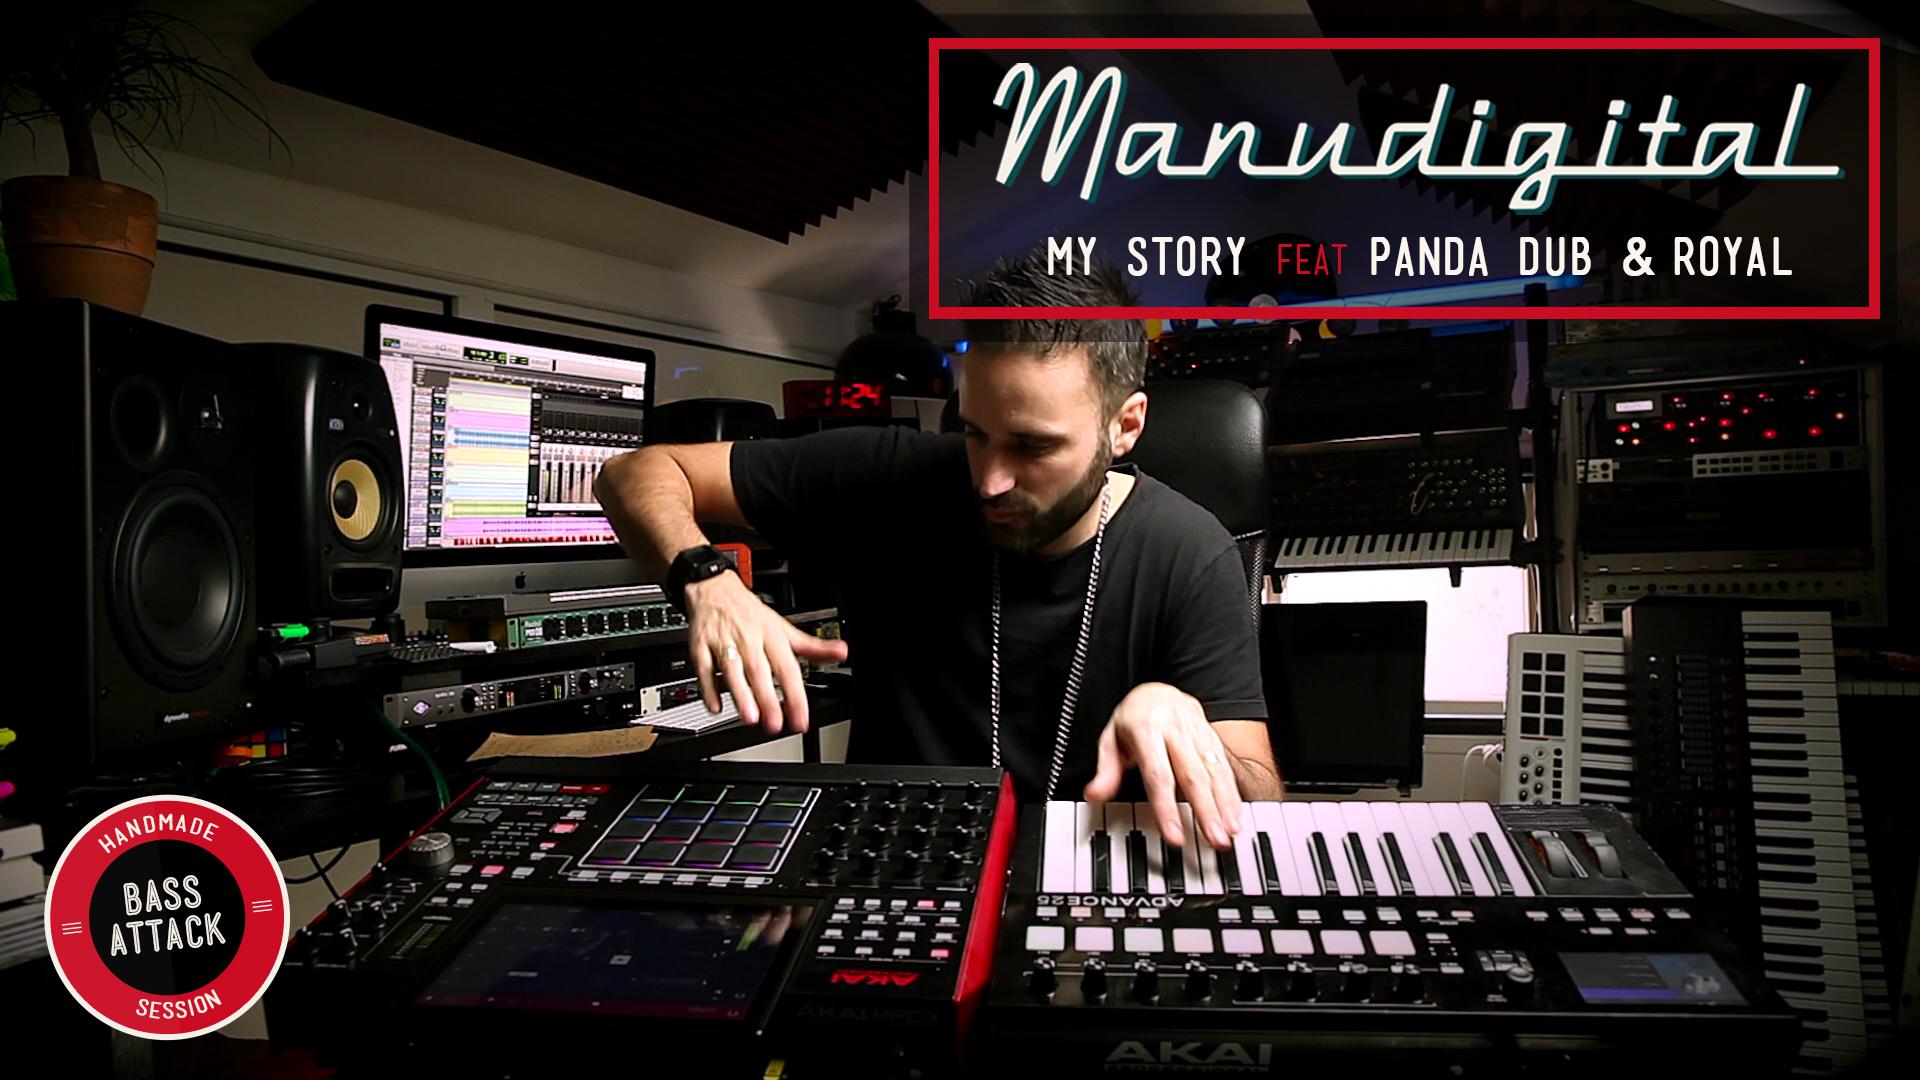 MANUDIGITAL Feat Panda Dub